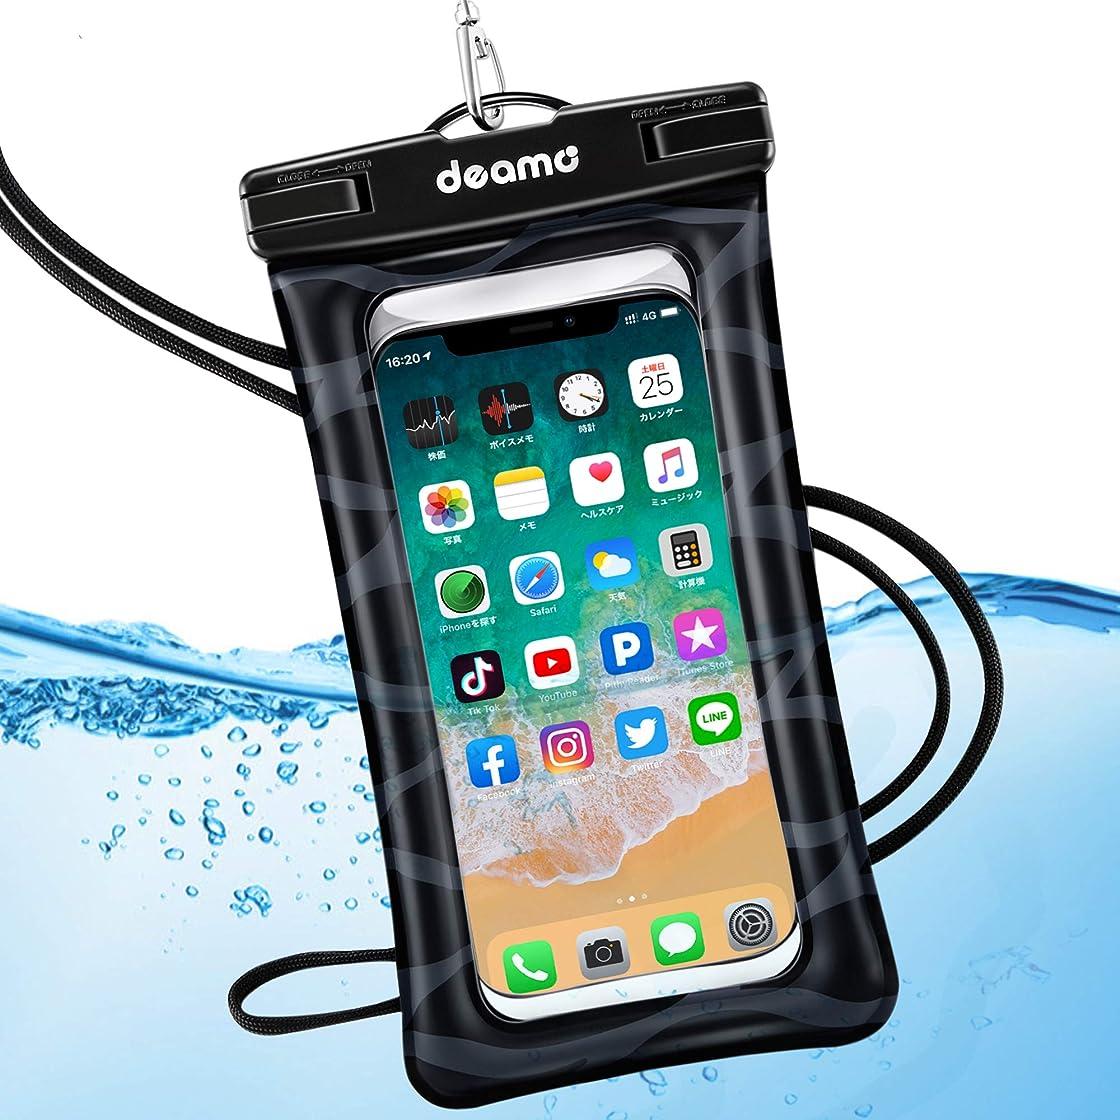 に対して拳判定Deamo 完全防水ケース 水に浮く iPhone Xs Max/8/7/6/Plus、Xperia、Samsung等6インチまでの全機種対応、海 プール お風呂 ダイビング 釣り 砂浜 水遊び等で大活躍 高級ネックスト ラップ付属 防水ポーチ スマホ用防塵?防水ケース